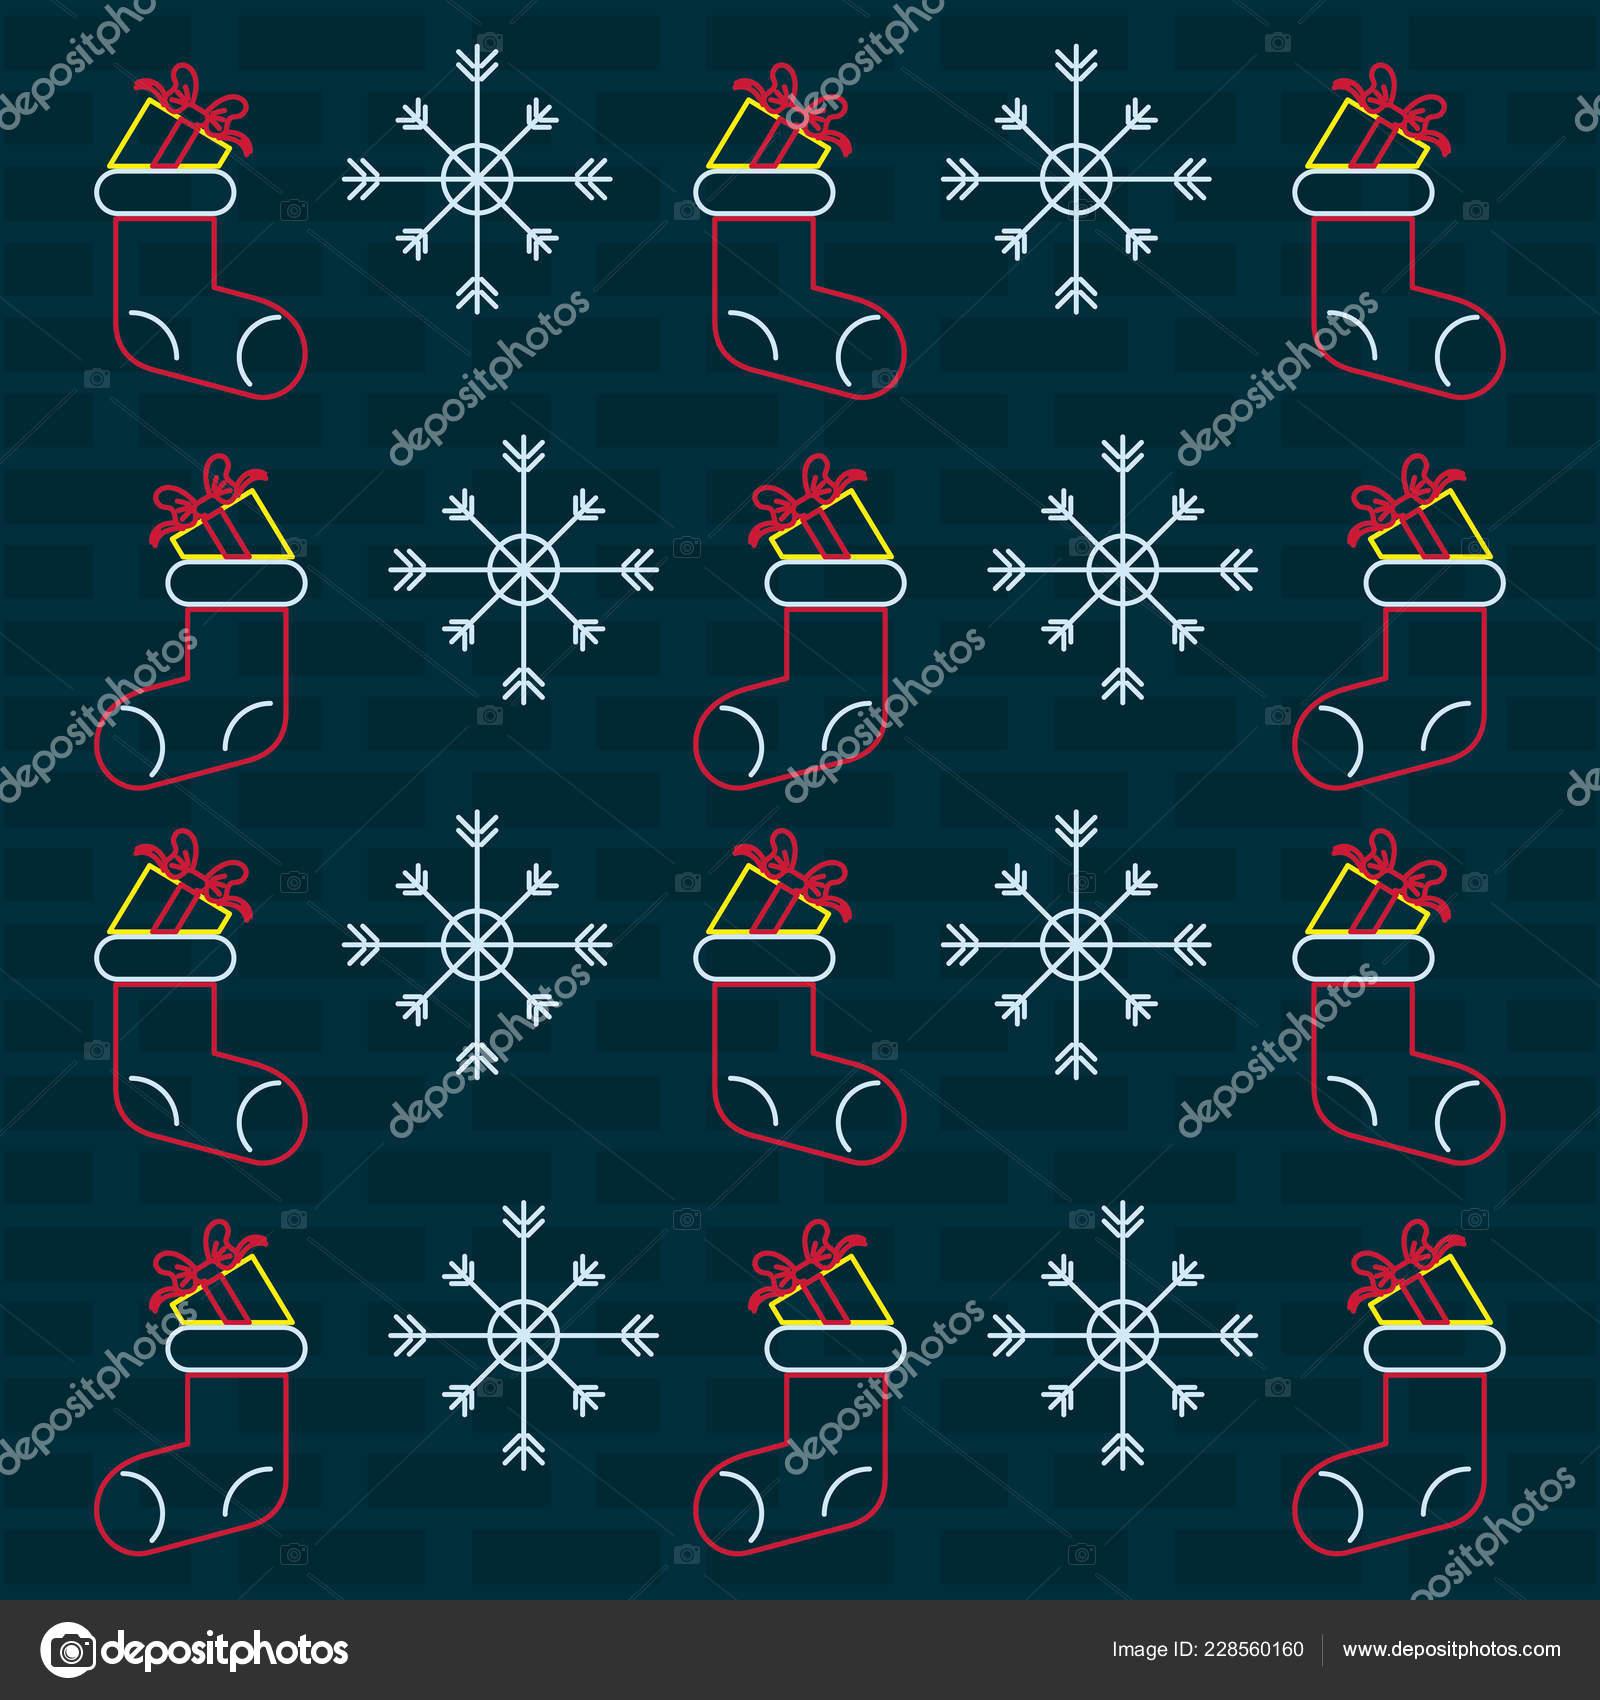 Hintergrundbilder Frohe Weihnachten.Frohe Weihnachten Hintergrundbilder Neonlichter